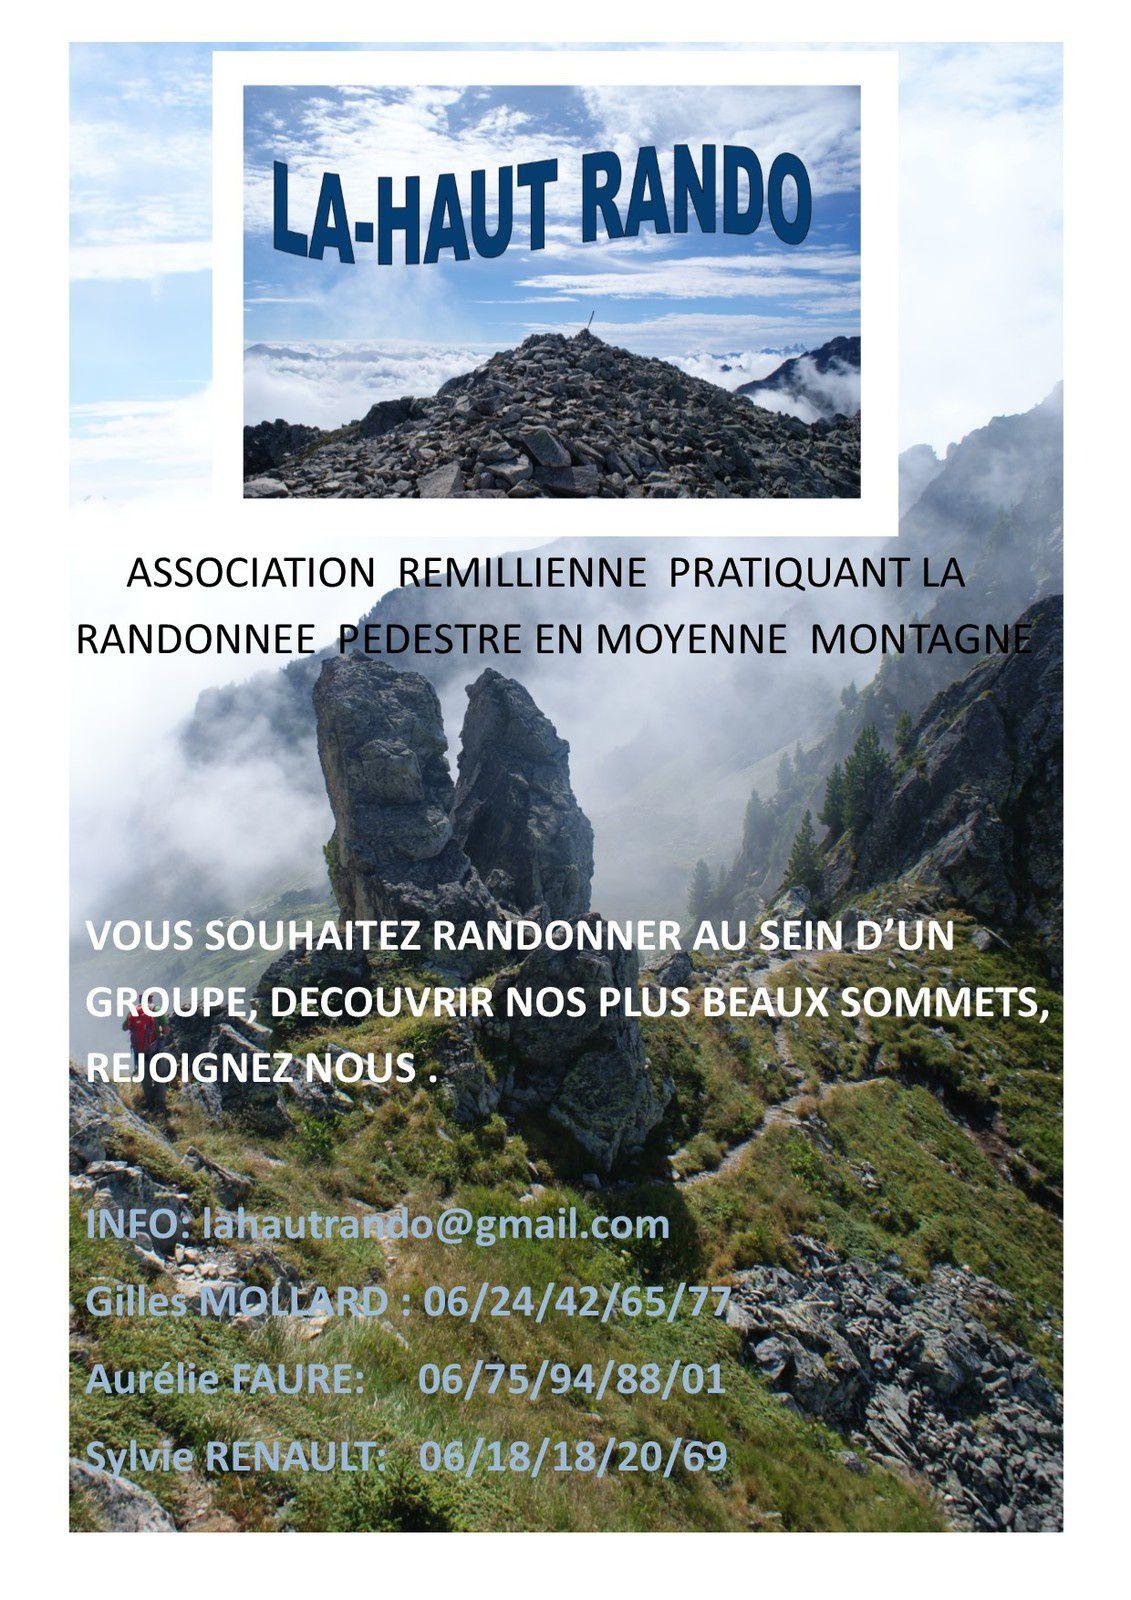 LA-HAUT RANDO